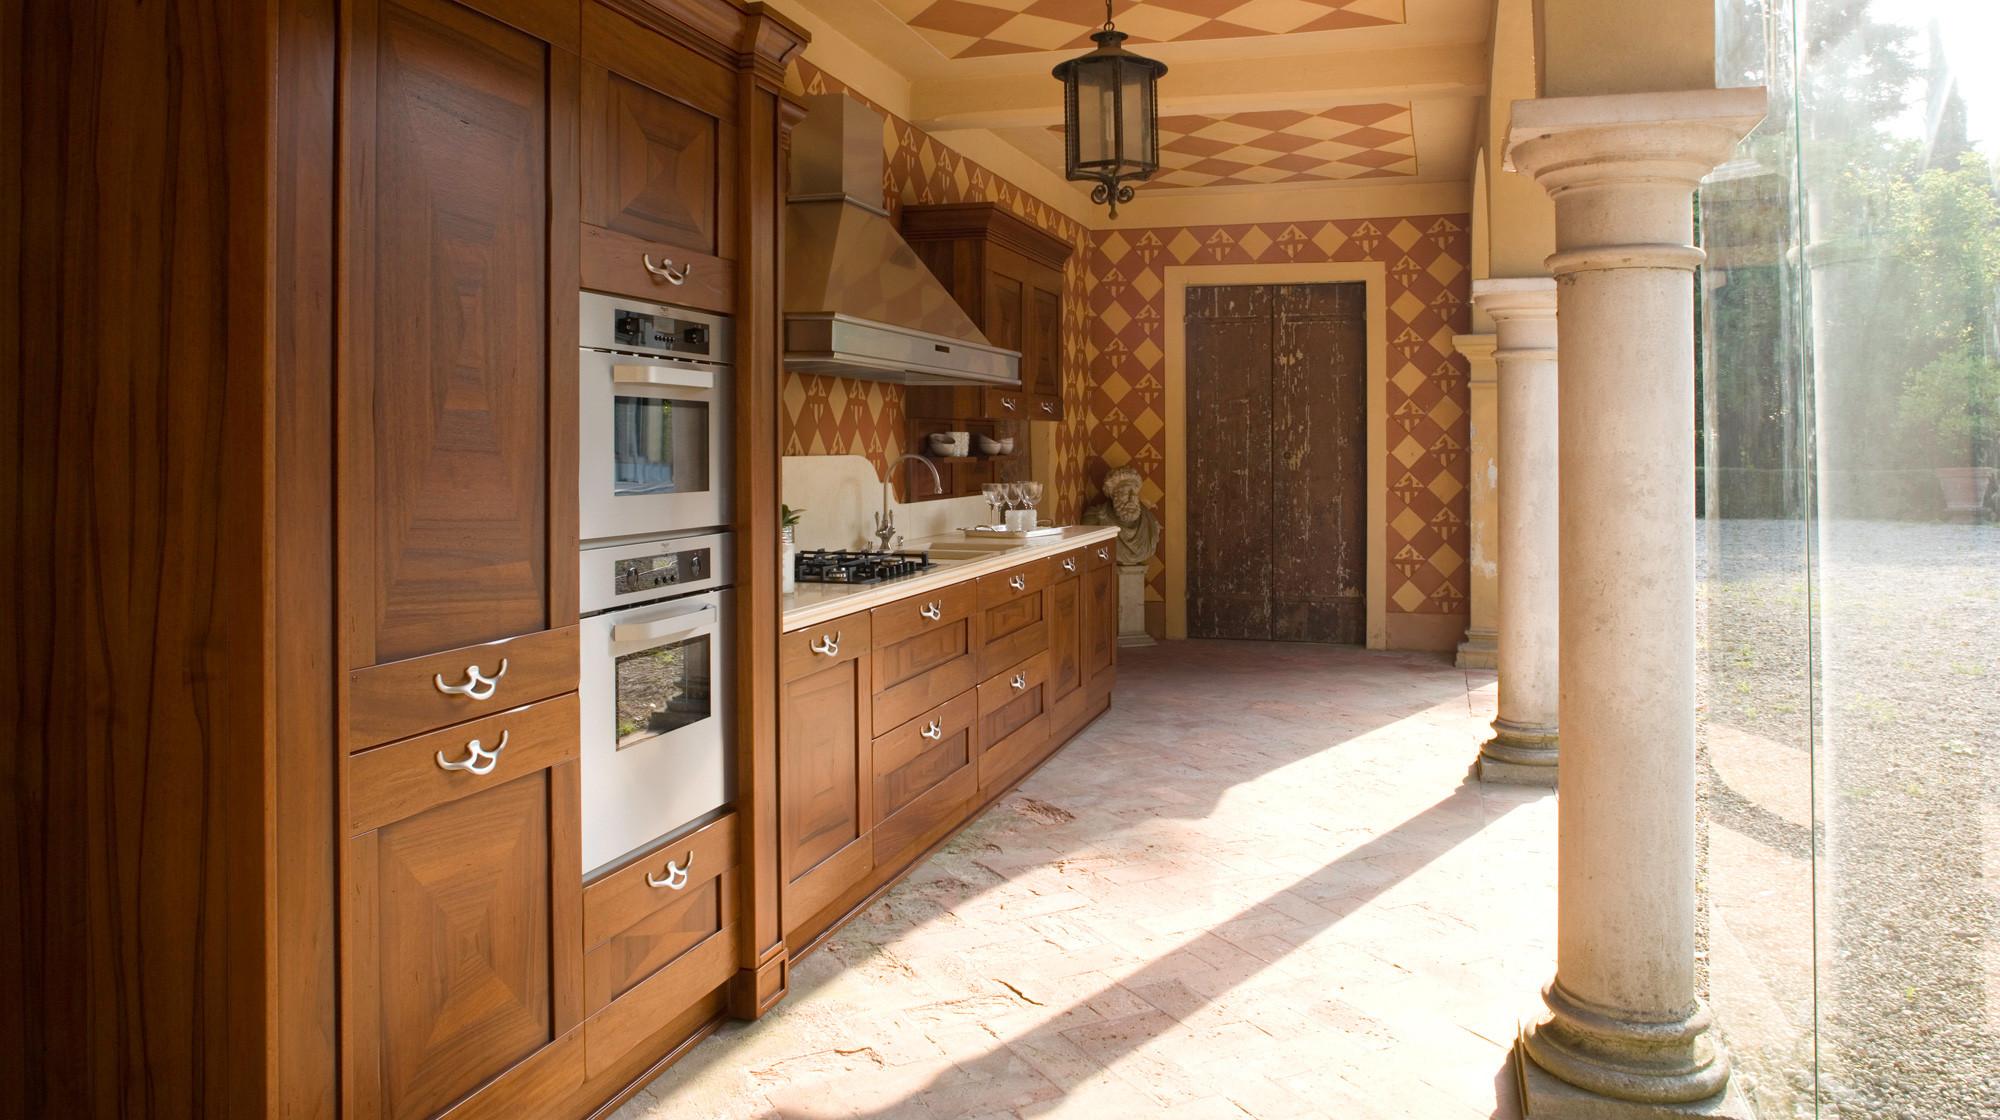 Veneta cucine modello Pavese in legno.